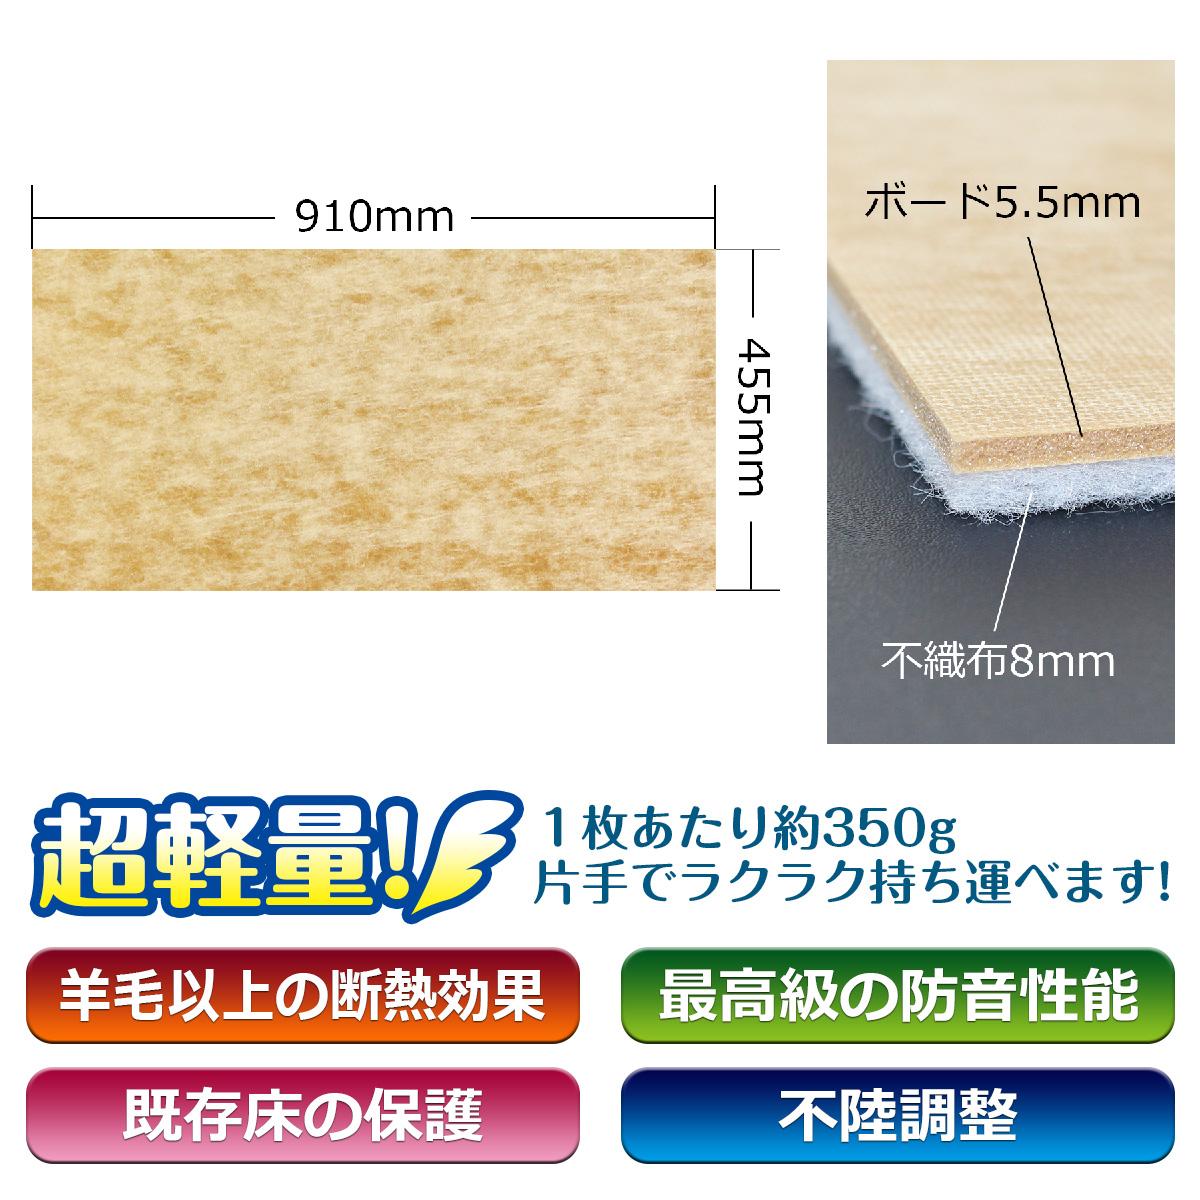 超軽量!1枚当たり約350グラム 片手でラクラク持ち運べます 羊毛以上の断熱効果 最高級の防音性能 既存床の保護 不陸調整 サイズ910ミリ×455ミリ ボード5.5ミリ厚 不織布8ミリ厚